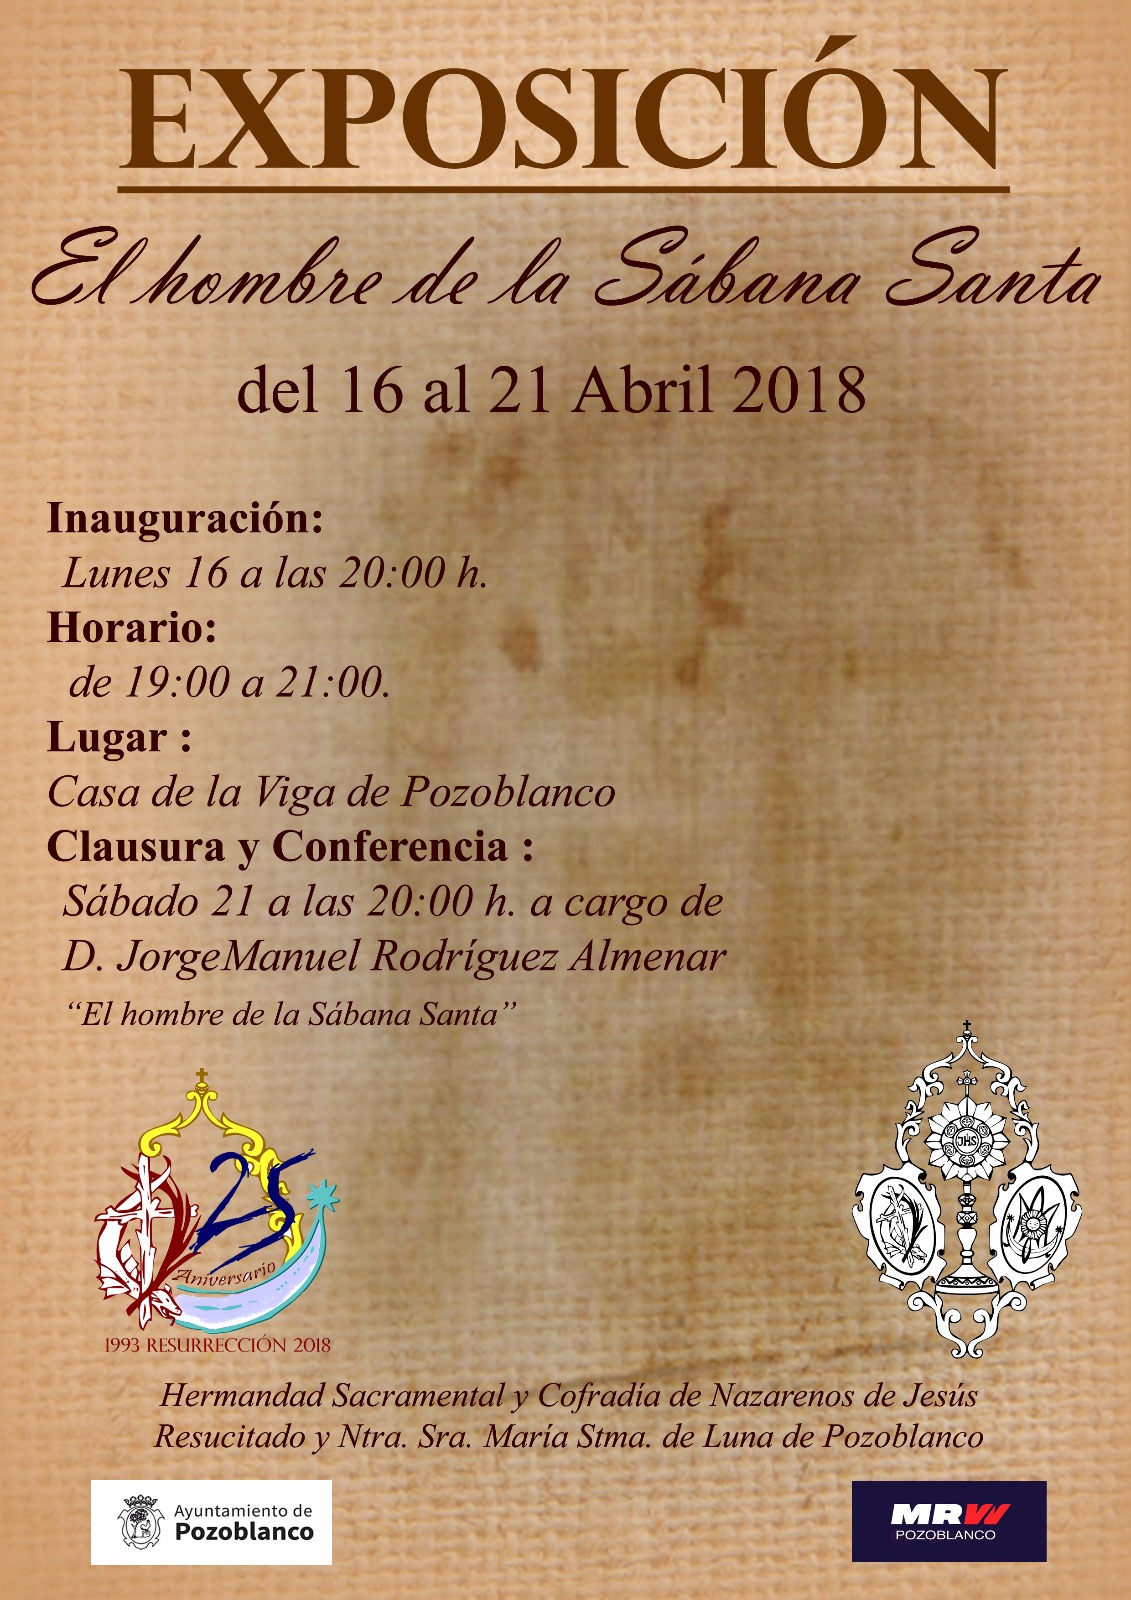 El hombre de la Sábana Santa - Exposición - Pozoblanco